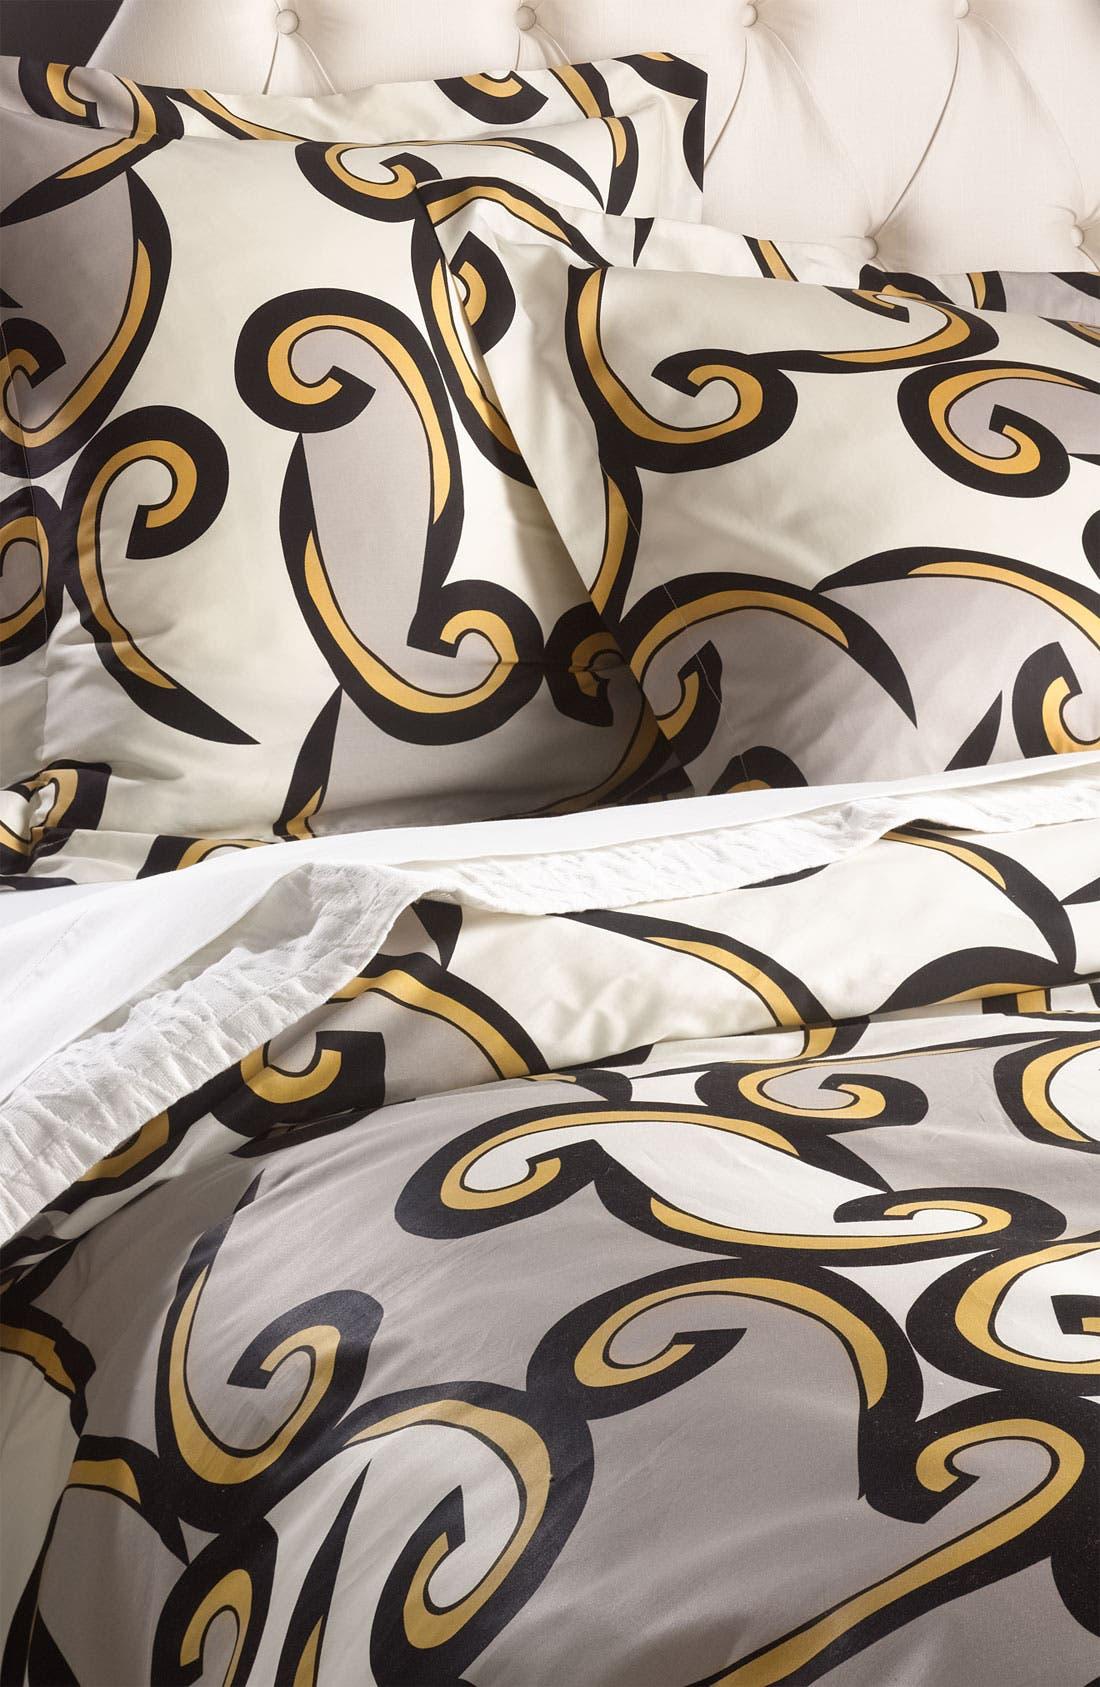 Main Image - Diane von Furstenberg 'Broken Wave' Euro Pillow Sham